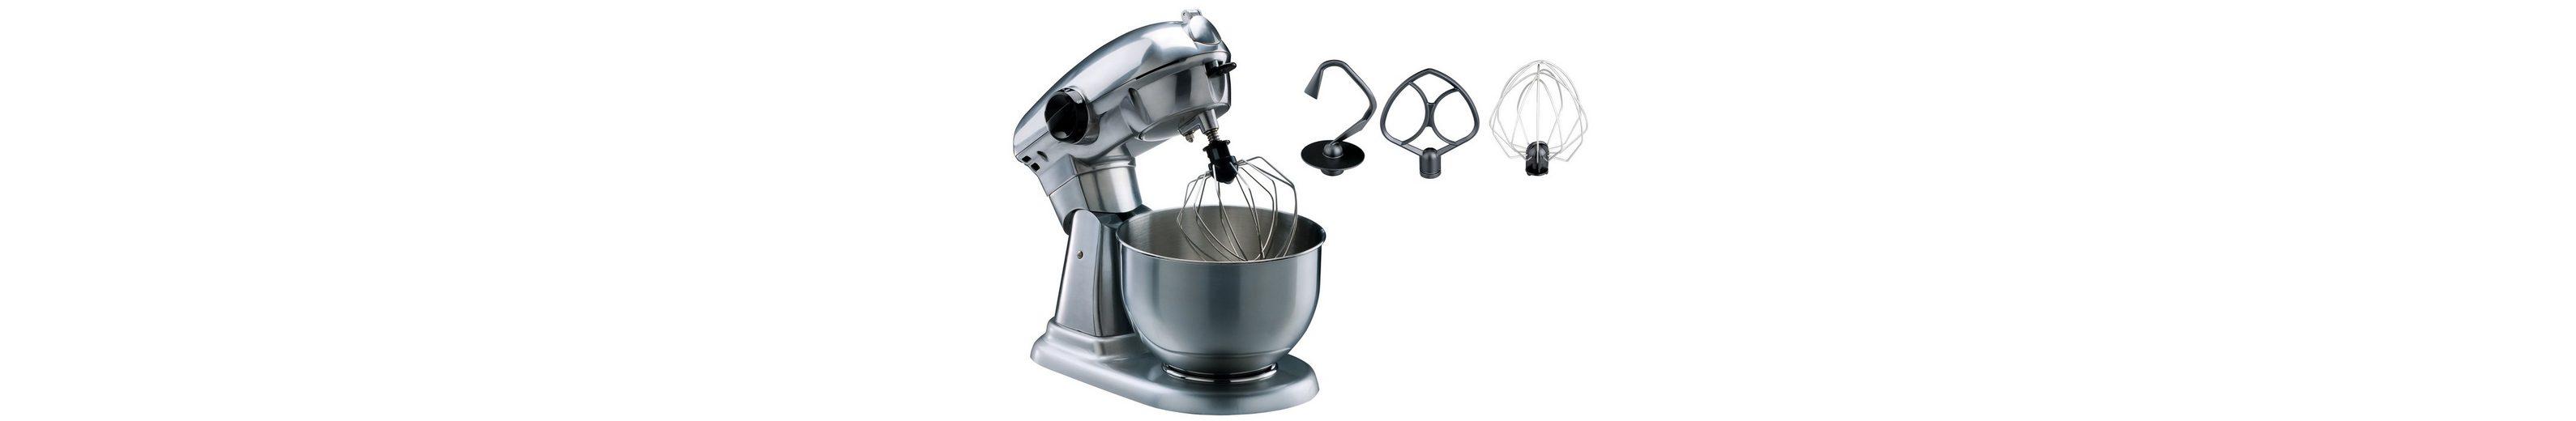 Gastroback Küchenmaschine »Advanced« 40969, 800 Watt